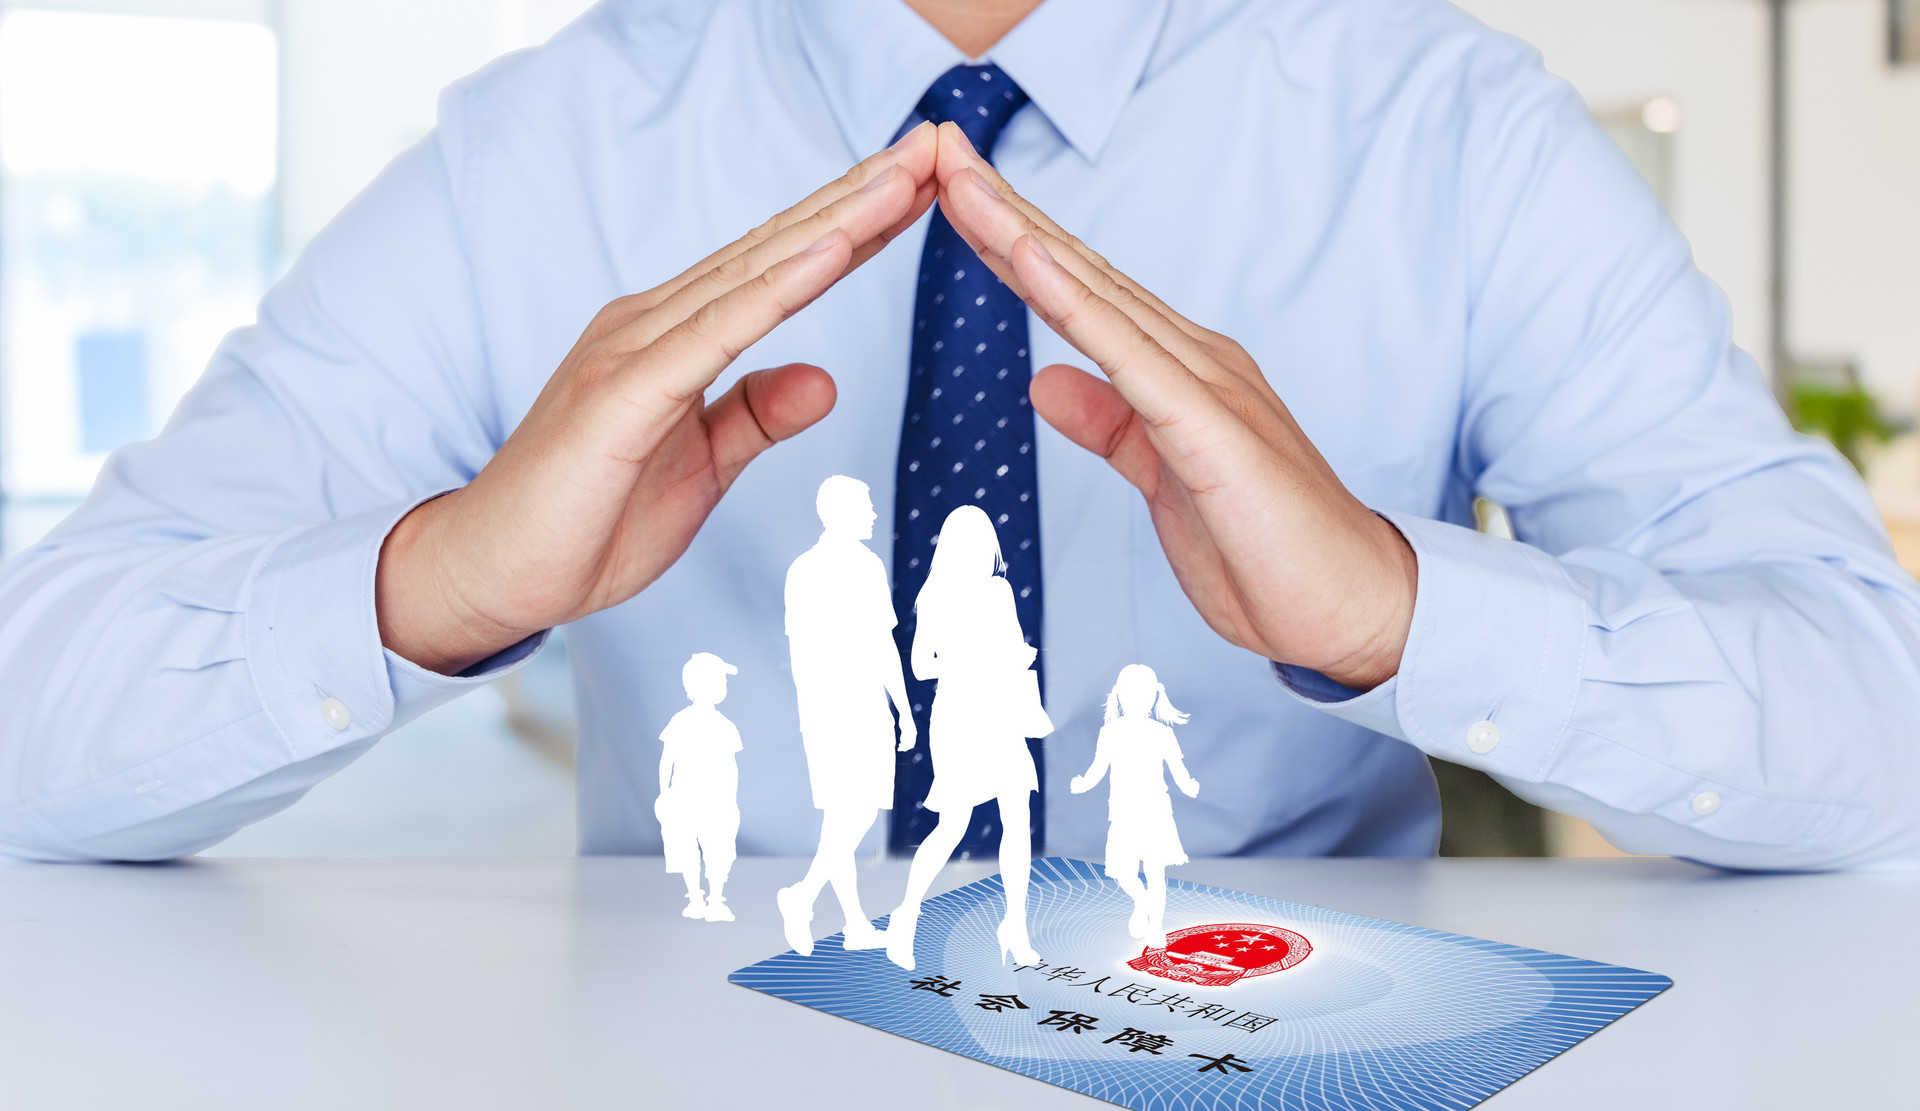 企业缴纳社保的环节是什么,代缴社保的公司,代理社保